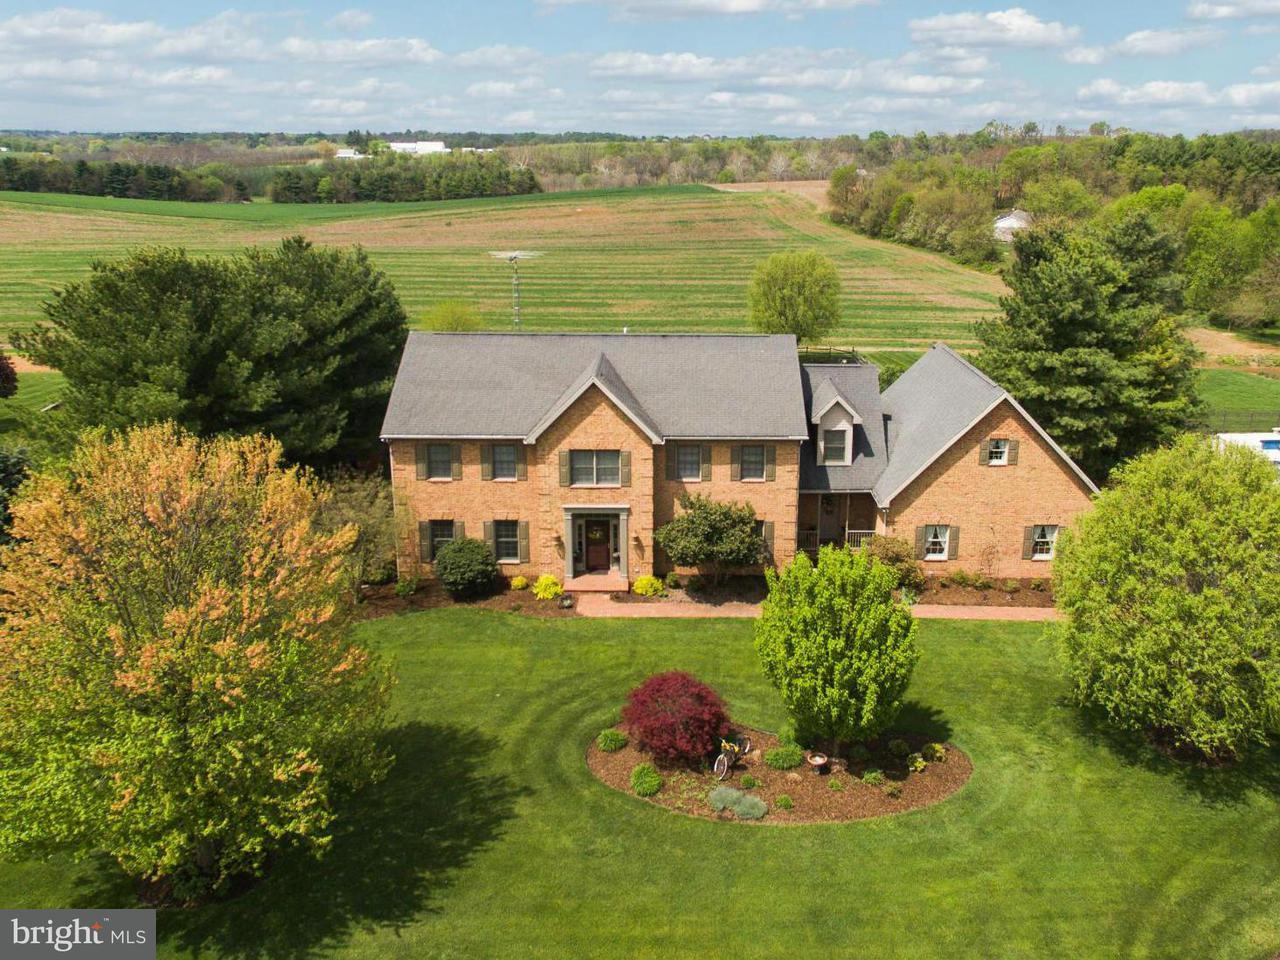 独户住宅 为 销售 在 22342 DURBERRY Road 22342 DURBERRY Road Smithsburg, 马里兰州 21783 美国